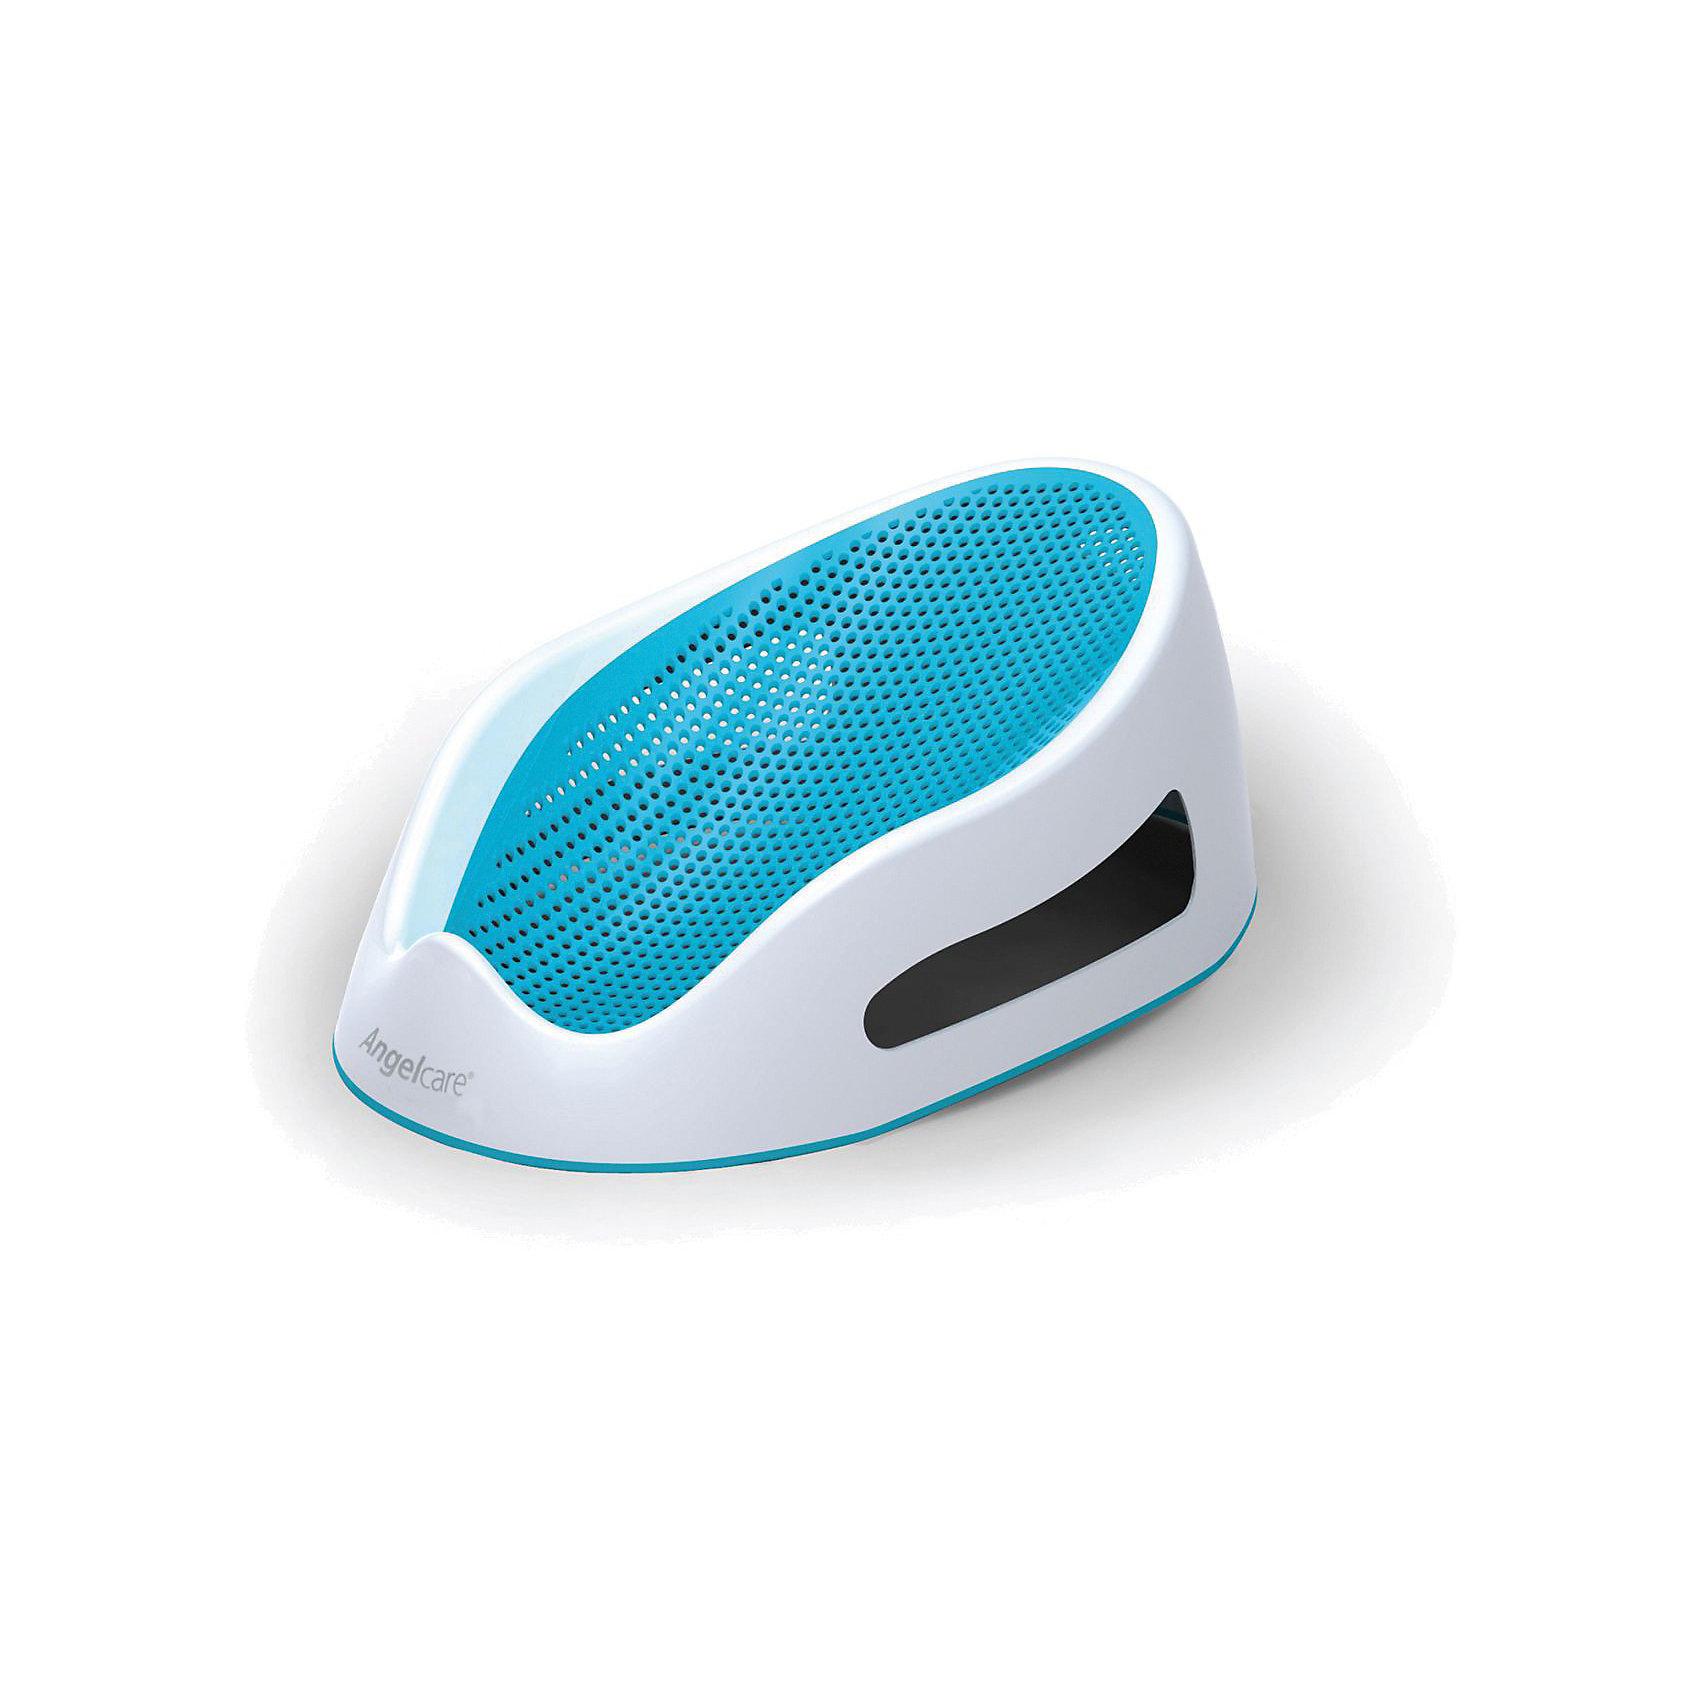 Горка для купания,  Angelcare, голубойВанны, горки, сиденья<br>Горка для купания, Angelcare поможет сделать купание Вашего малыша комфортным и безопасным. Конструкция страхует малыша во время купания, а для детей постарше может использоваться как сиденье для ванной. Горка удобной эргономичной формы имеет оригинальный дизайн и оснащена системой антискольжения, устанавливается на дно ванны с водой, а малыш помещается в специальную выемку для купания ребенка. Имеется индикатор уровня воды.<br> <br>Горка изготовлена из экологичного и долговечного пластика, а сетчатая часть из силикона, что обеспечивает правильное распределение нагрузки на неокрепший позвоночник ребенка. Поверхность обладает антибактериальными и противогрибковыми свойствами и легко сушится. Специальное крепление позволяет хранить горку на стене, что экономит место в ванной комнате. Максимальный вес ребенка: 13 кг, максимальный рост - 70 см.<br><br>Дополнительная информация:<br><br>- Цвет: голубой.<br>- Возраст: 0-6 месяцев.<br>- Материал: пластик, силикон.<br>- Размер: 34 x 23 x 55 см. <br>- Вес: 1,2 кг.<br><br>Горку для купания, Angelcare можно купить в нашем интернет-магазине.<br><br>Ширина мм: 550<br>Глубина мм: 340<br>Высота мм: 230<br>Вес г: 1200<br>Возраст от месяцев: 0<br>Возраст до месяцев: 6<br>Пол: Мужской<br>Возраст: Детский<br>SKU: 3827605